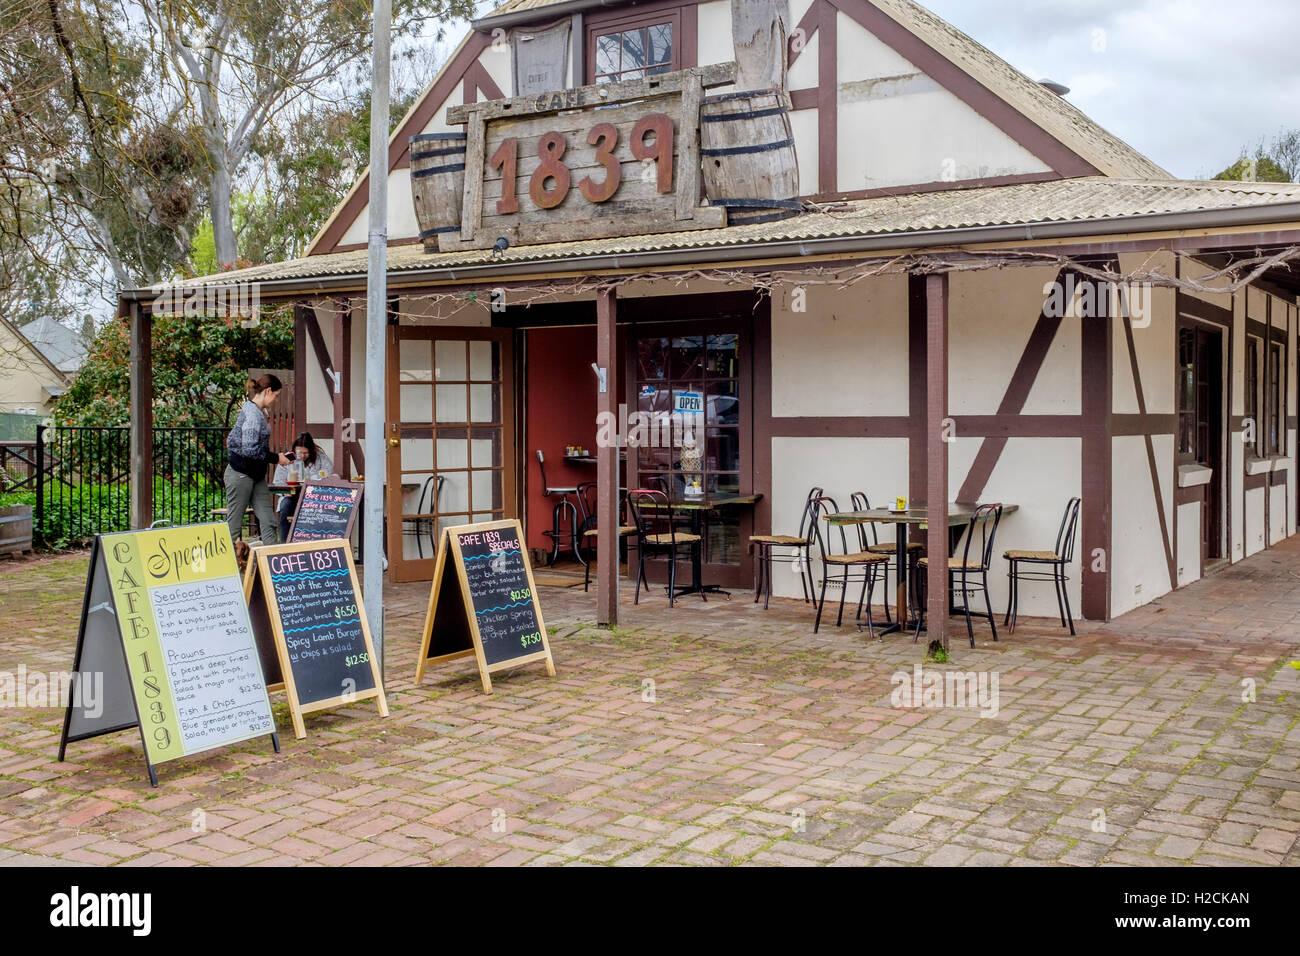 1839 café & restaurant di Hahndorf, in Sud Australia le pittoresche colline di Adelaide. Immagini Stock